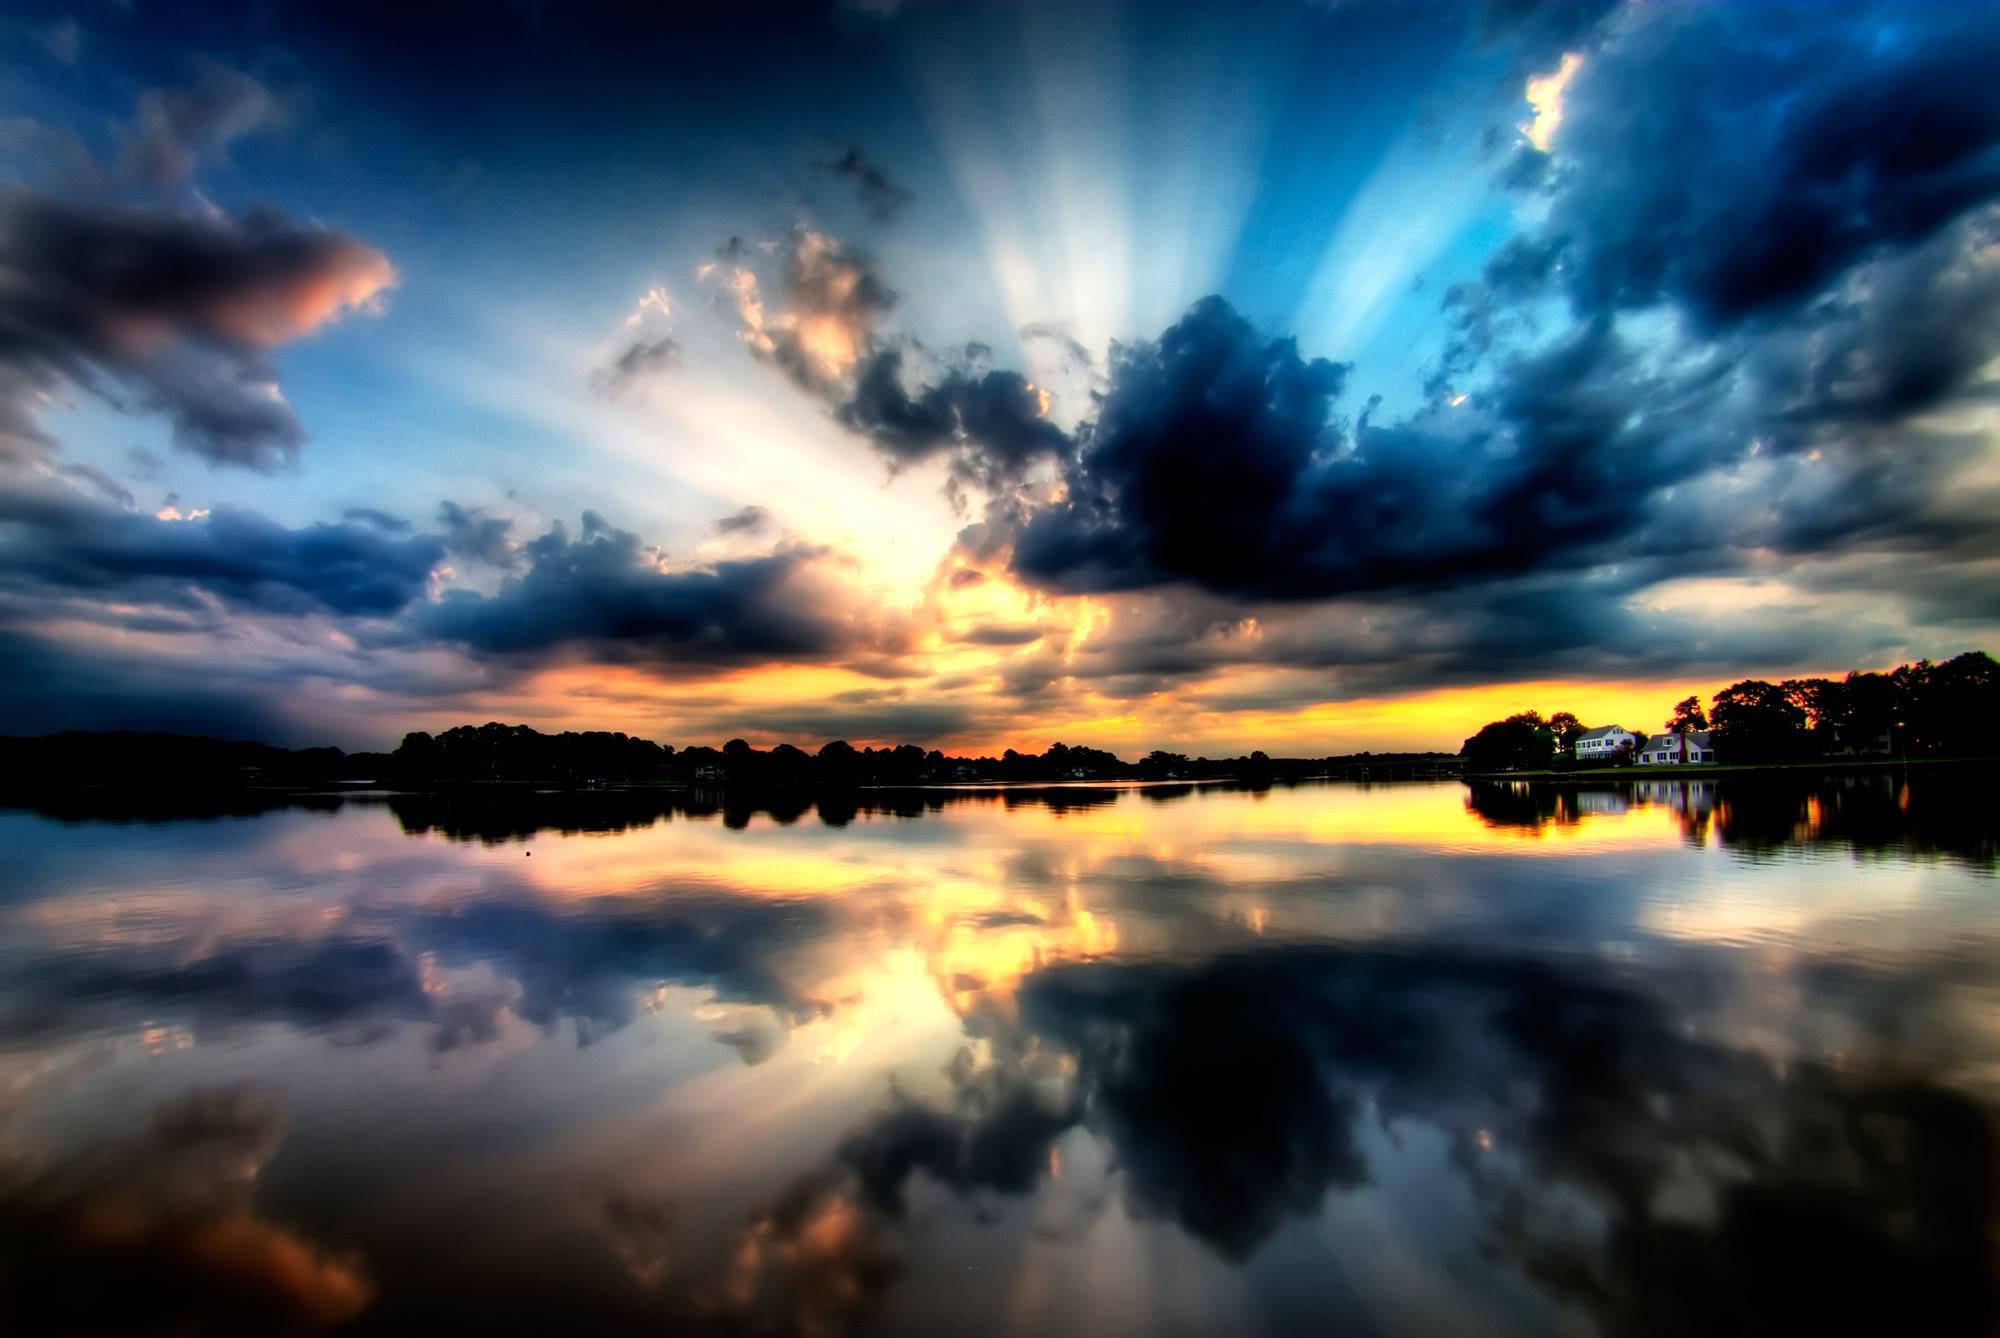 Темный закат над озером  № 3213477 без смс